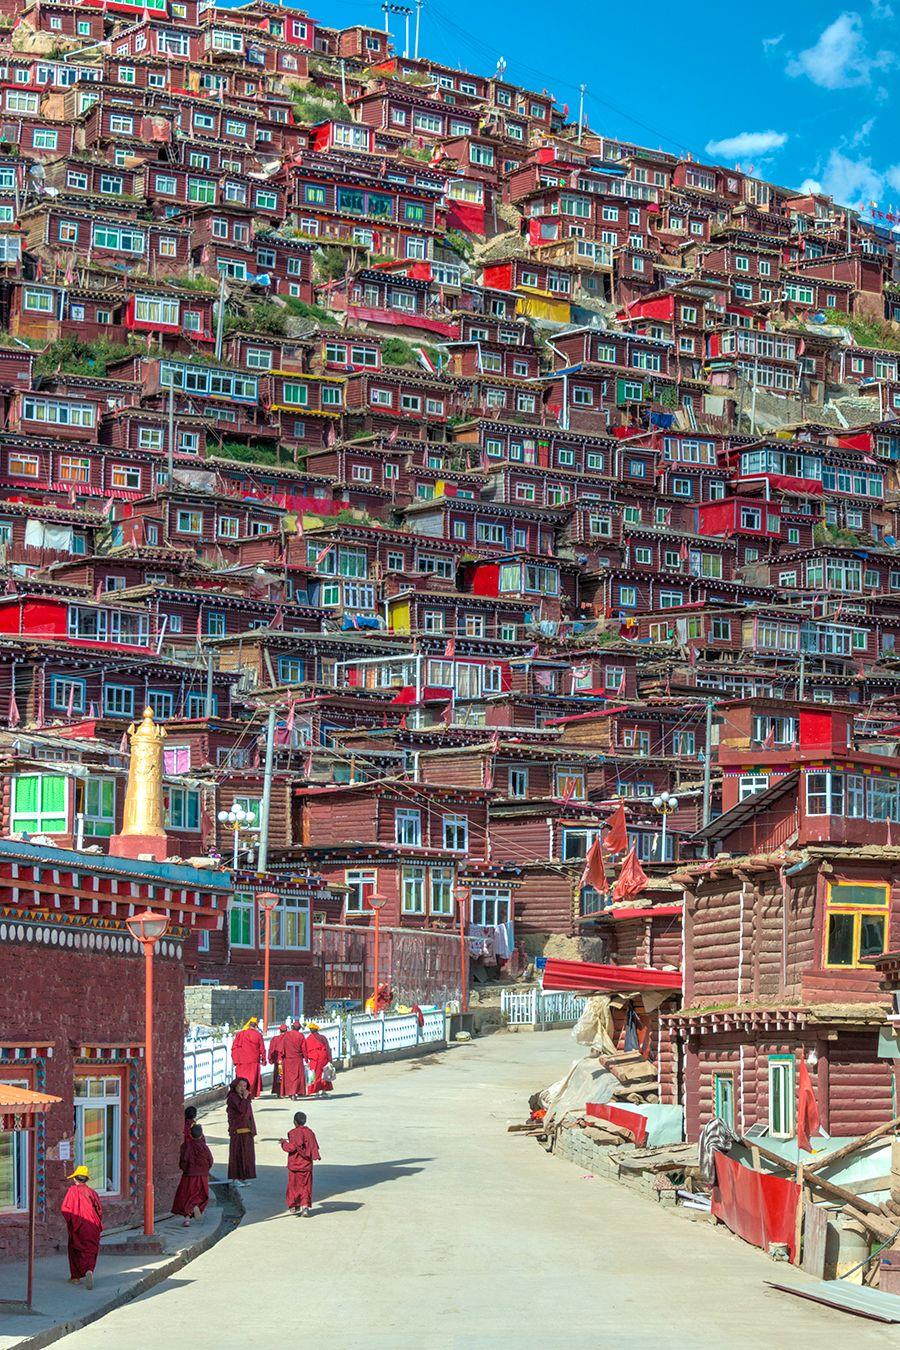 Larung Gar, Tibet